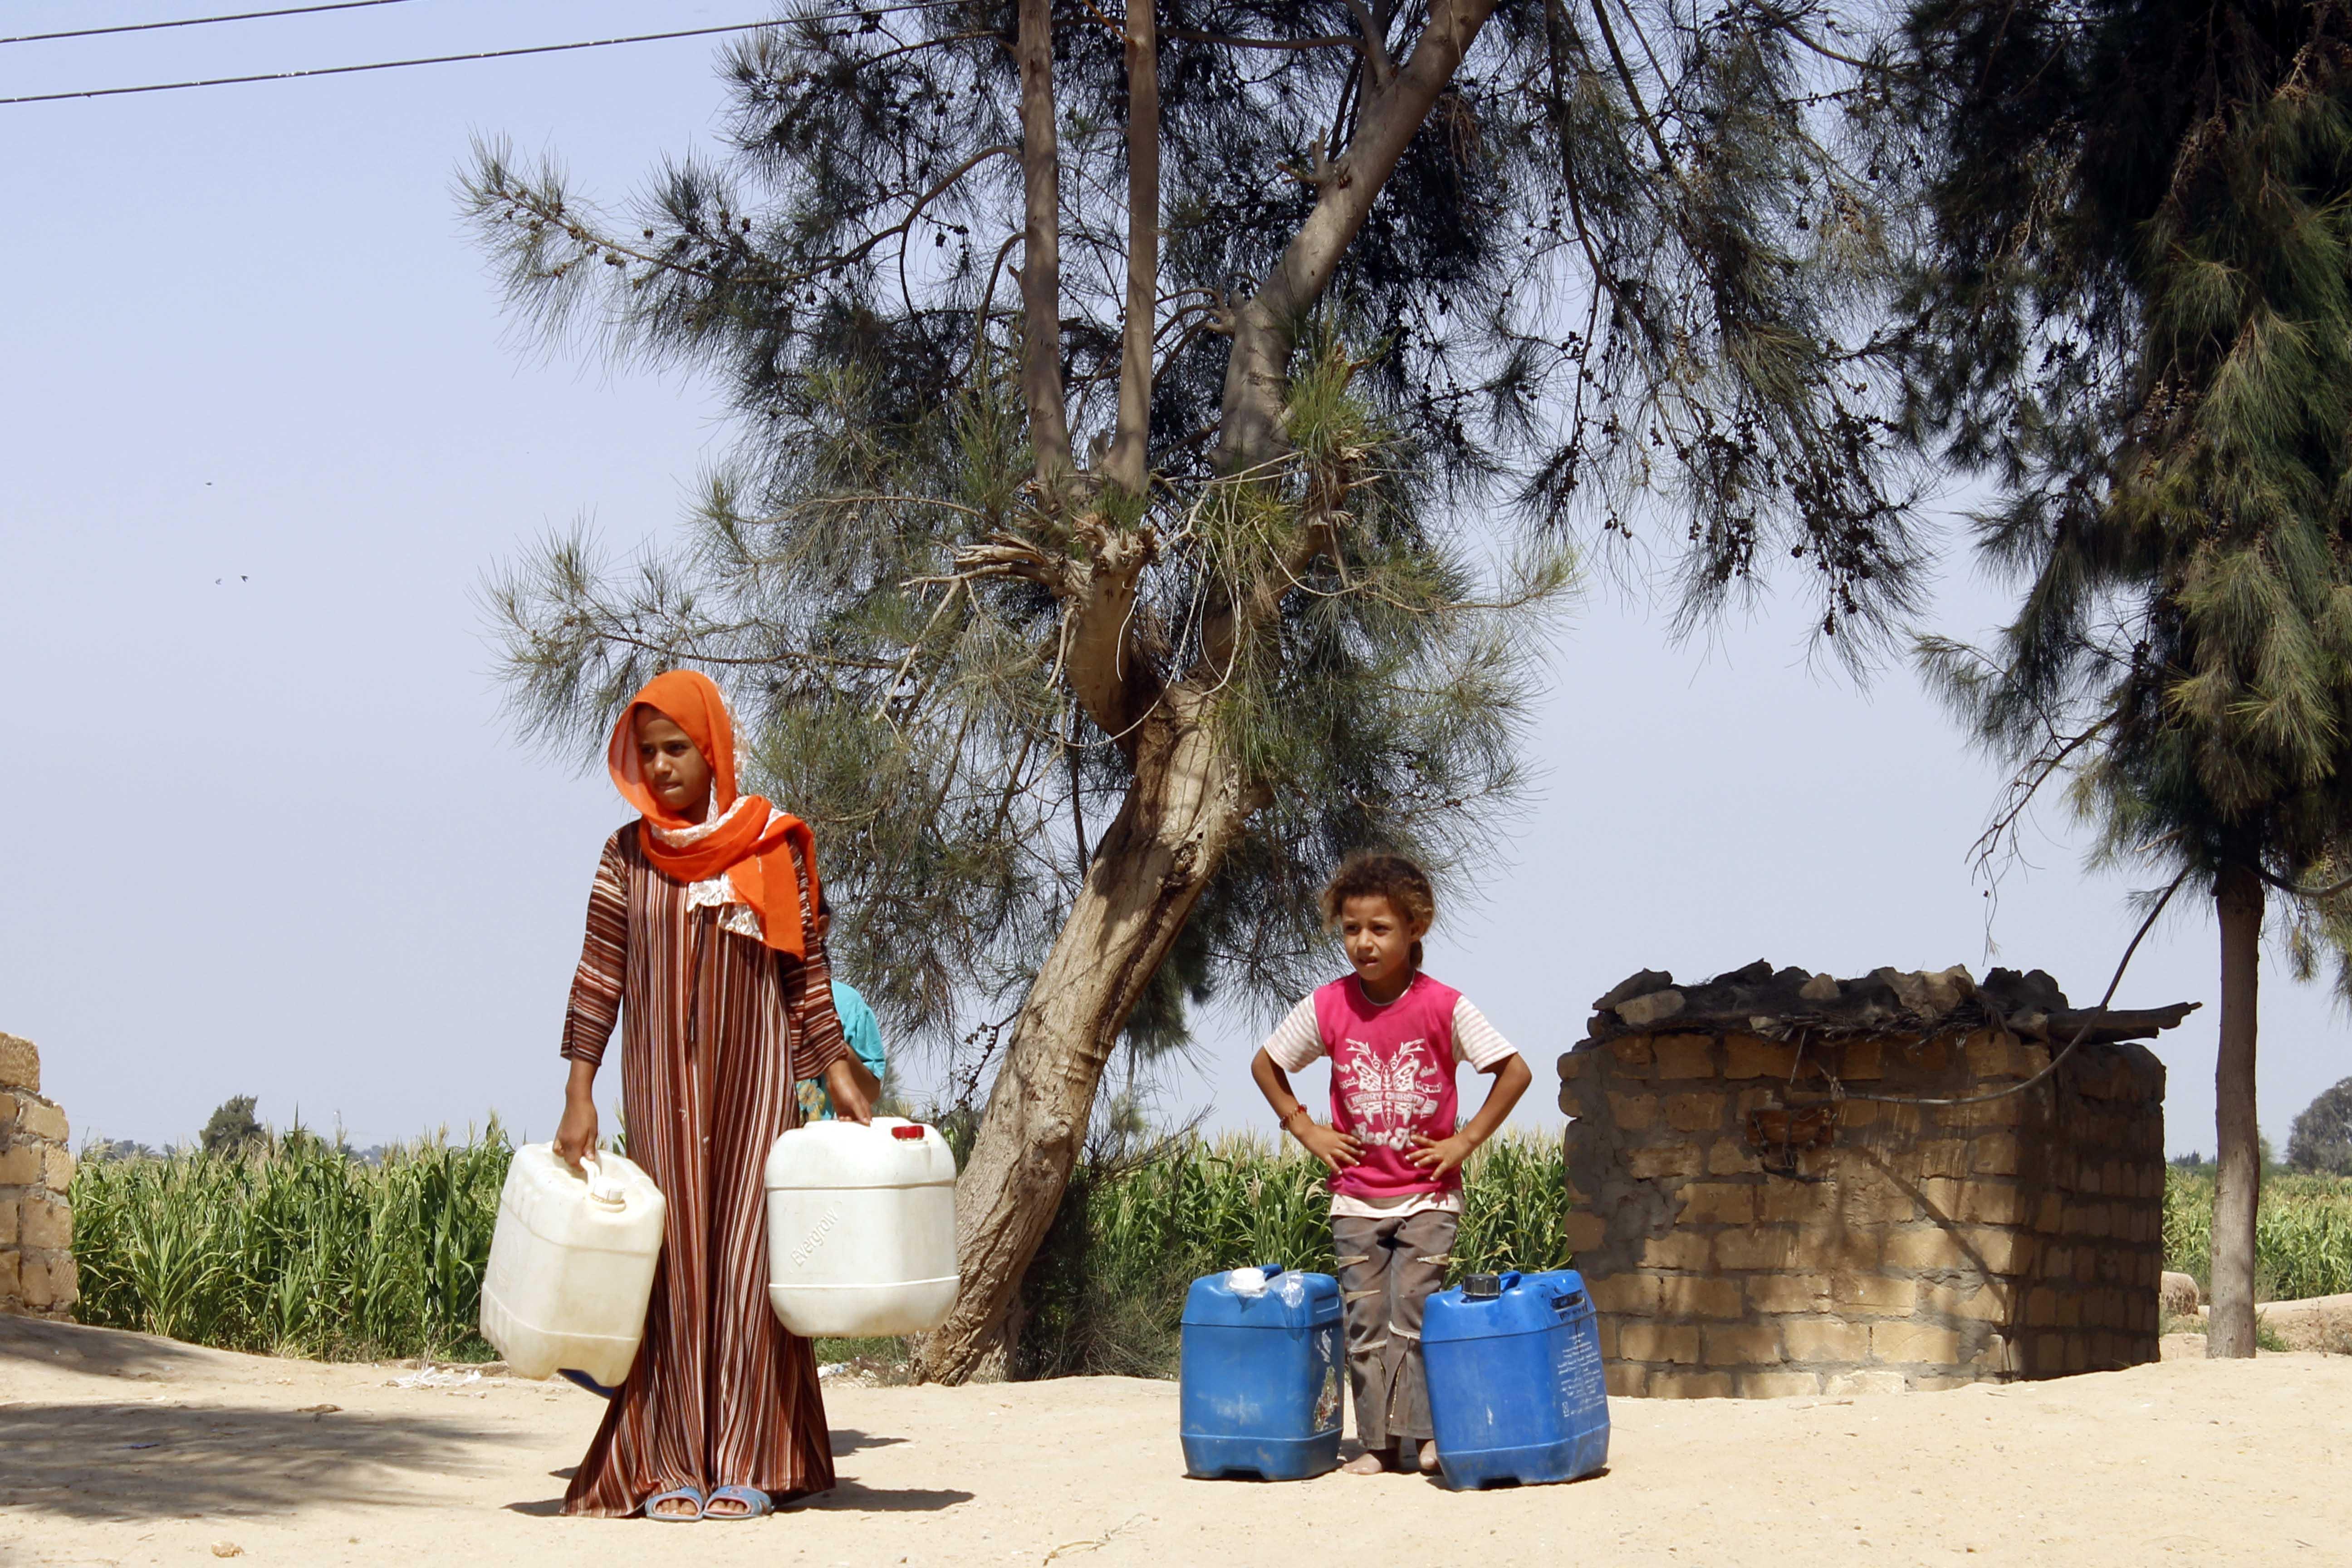 قري  تعيش بدون مياه  شرب  لأربعة أشهر  - تصوير  محمد عوض  (11)